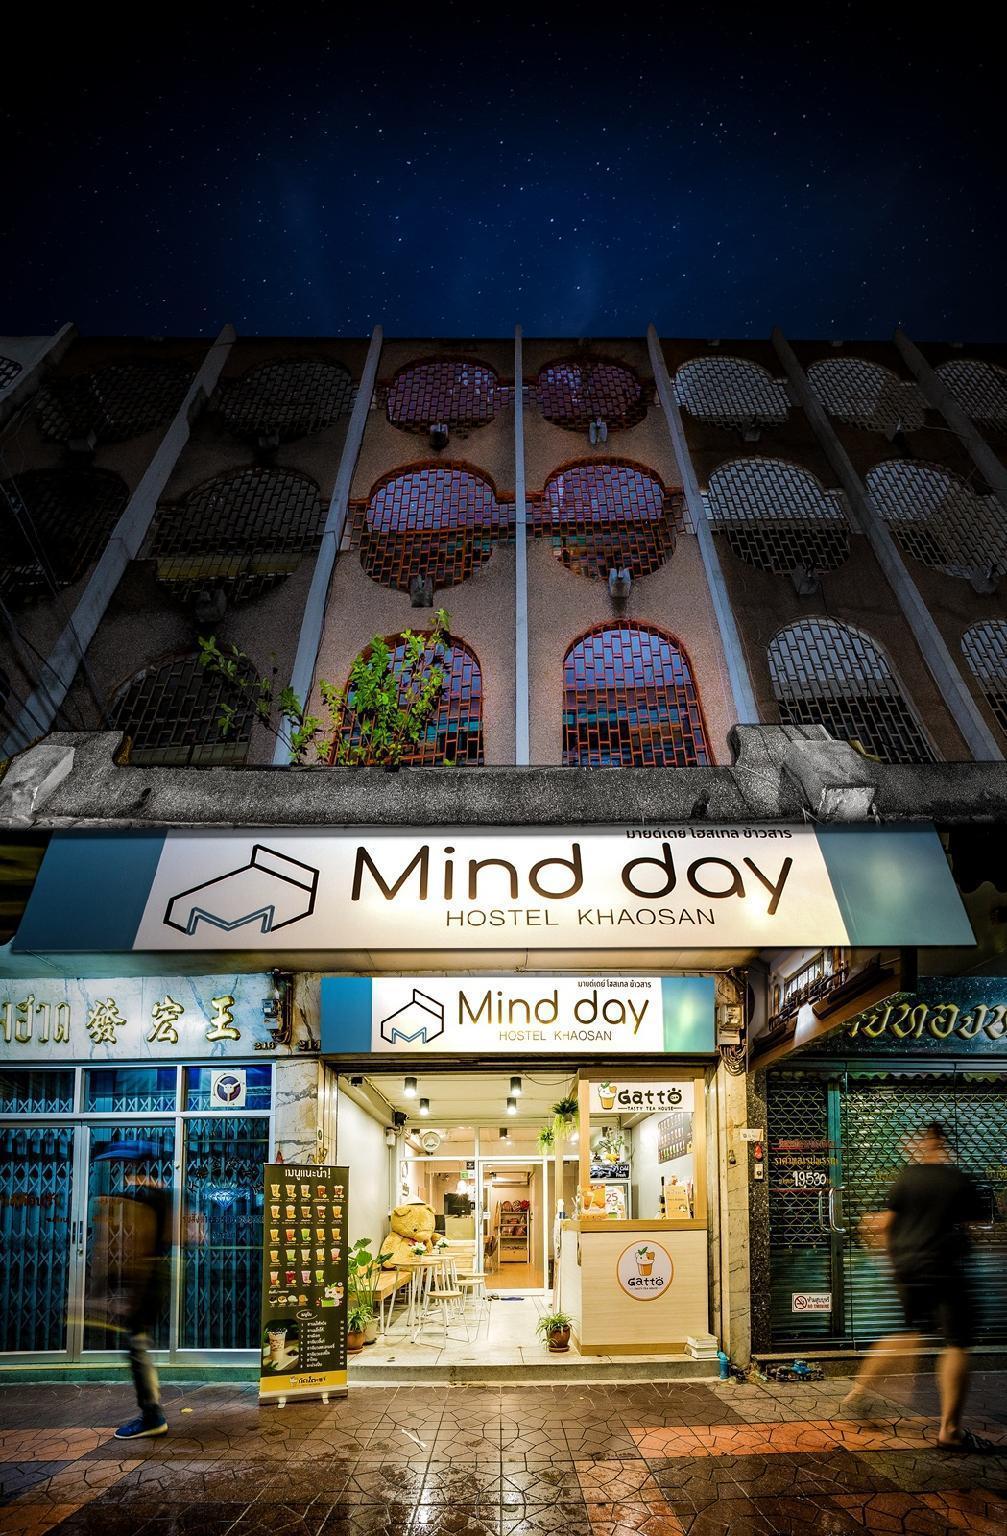 Mind Day Hostel Khaosan มายด์ เดย์ โฮสเทล ข้าวสาร